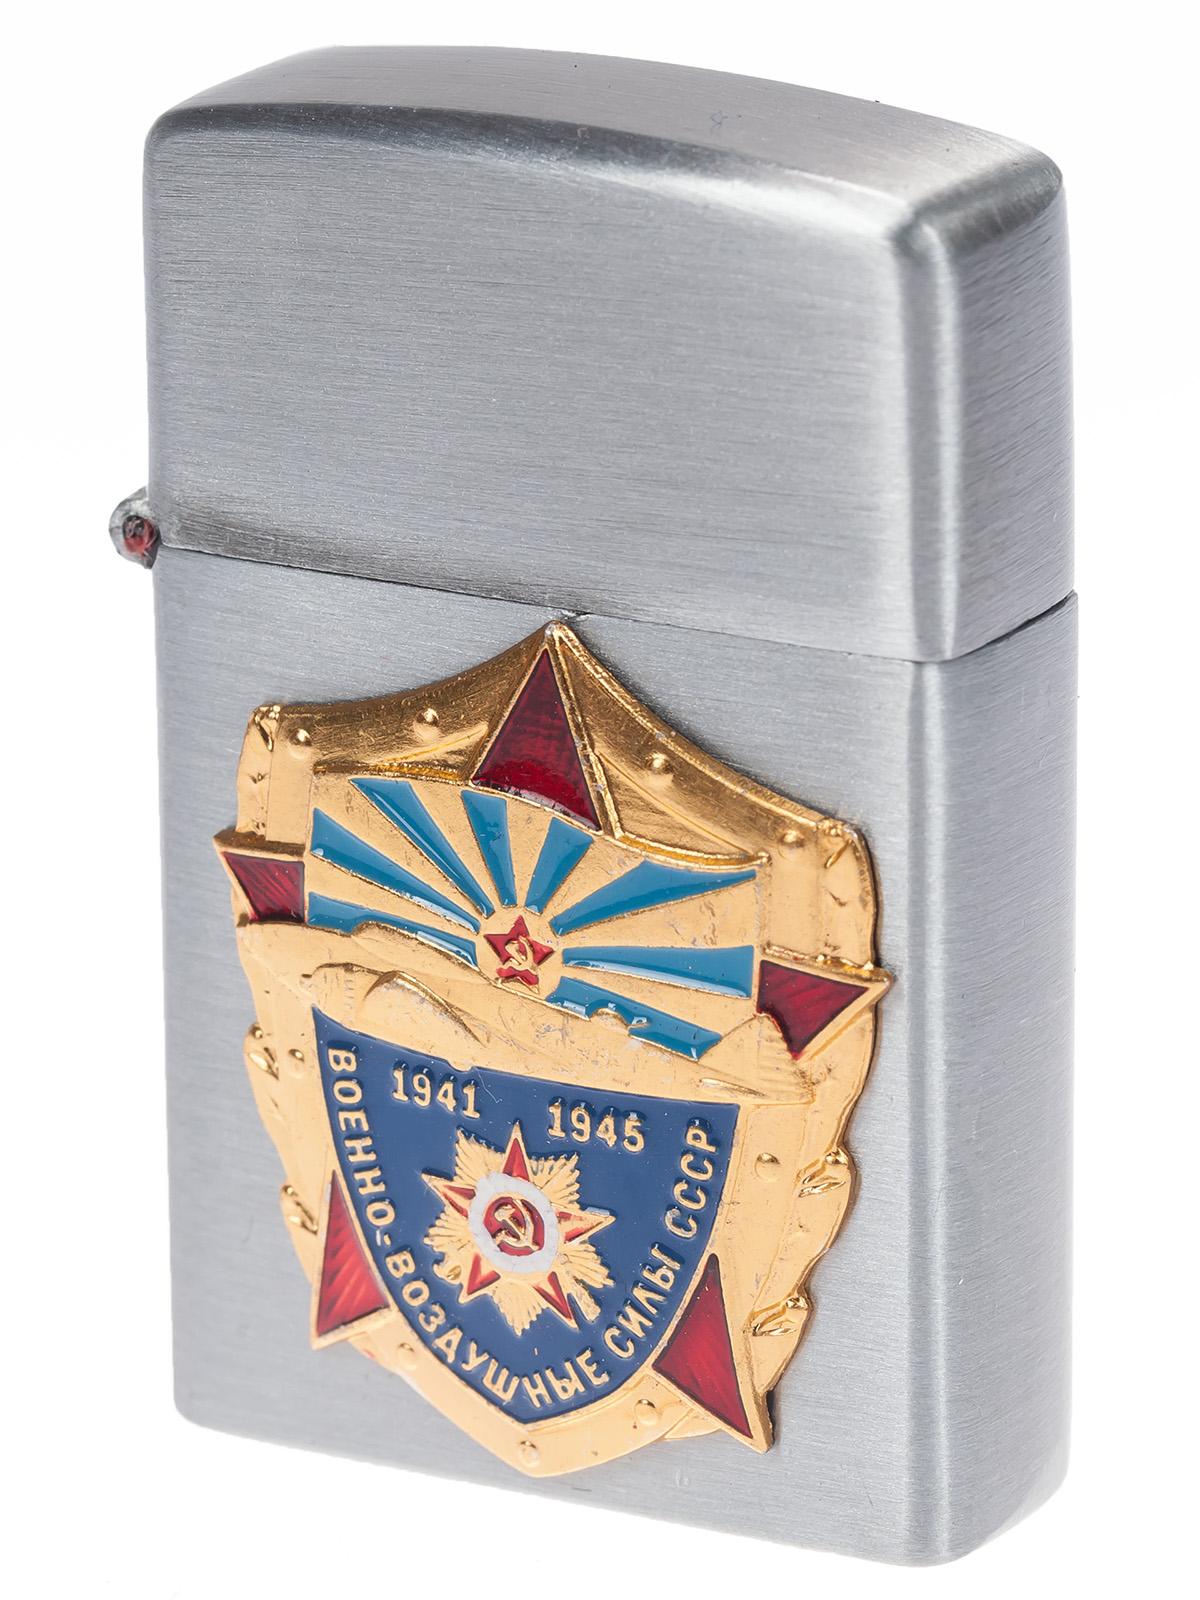 Заказать онлайн недорого зажигалки Zippo ВВС СССР